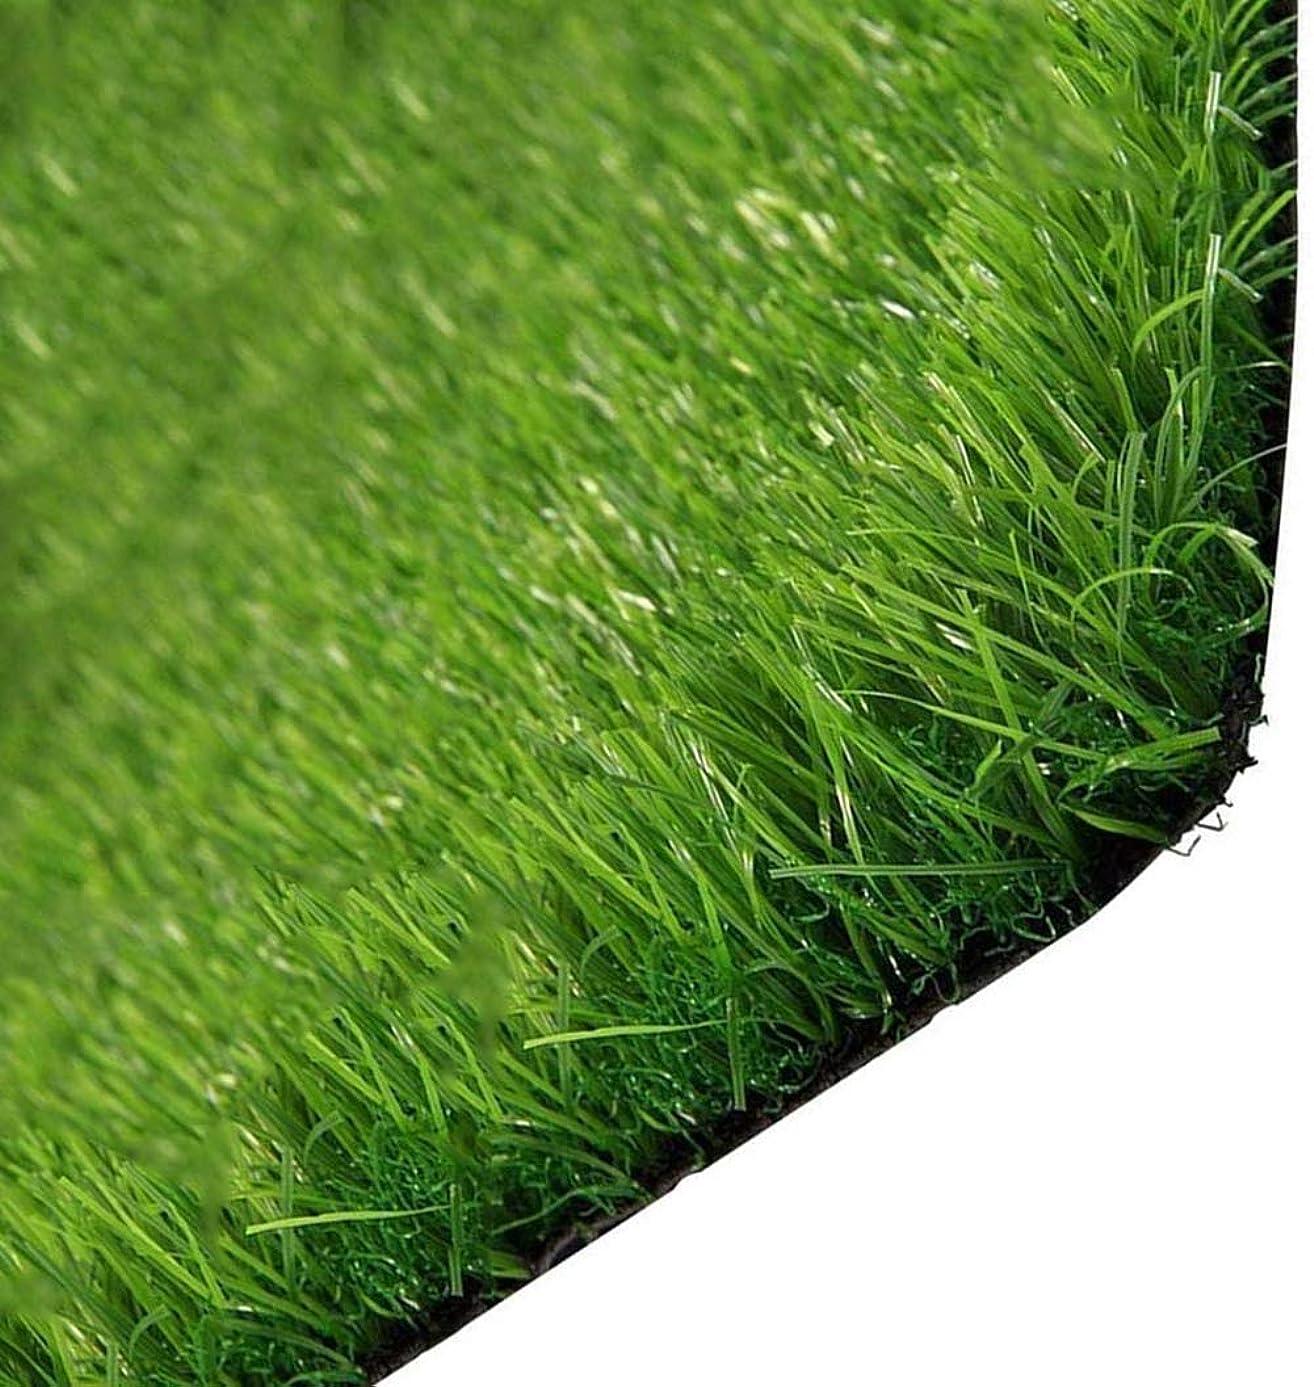 密見かけ上弓LLYYC 人工芝犬のため、グリーン人工芝 ドレン穴付き 15ミリメートル非毒性合成芝 屋内屋外 柔らかい ペットターフ パティオ用 人工芝エリアラグ,19x2m/57x6ft